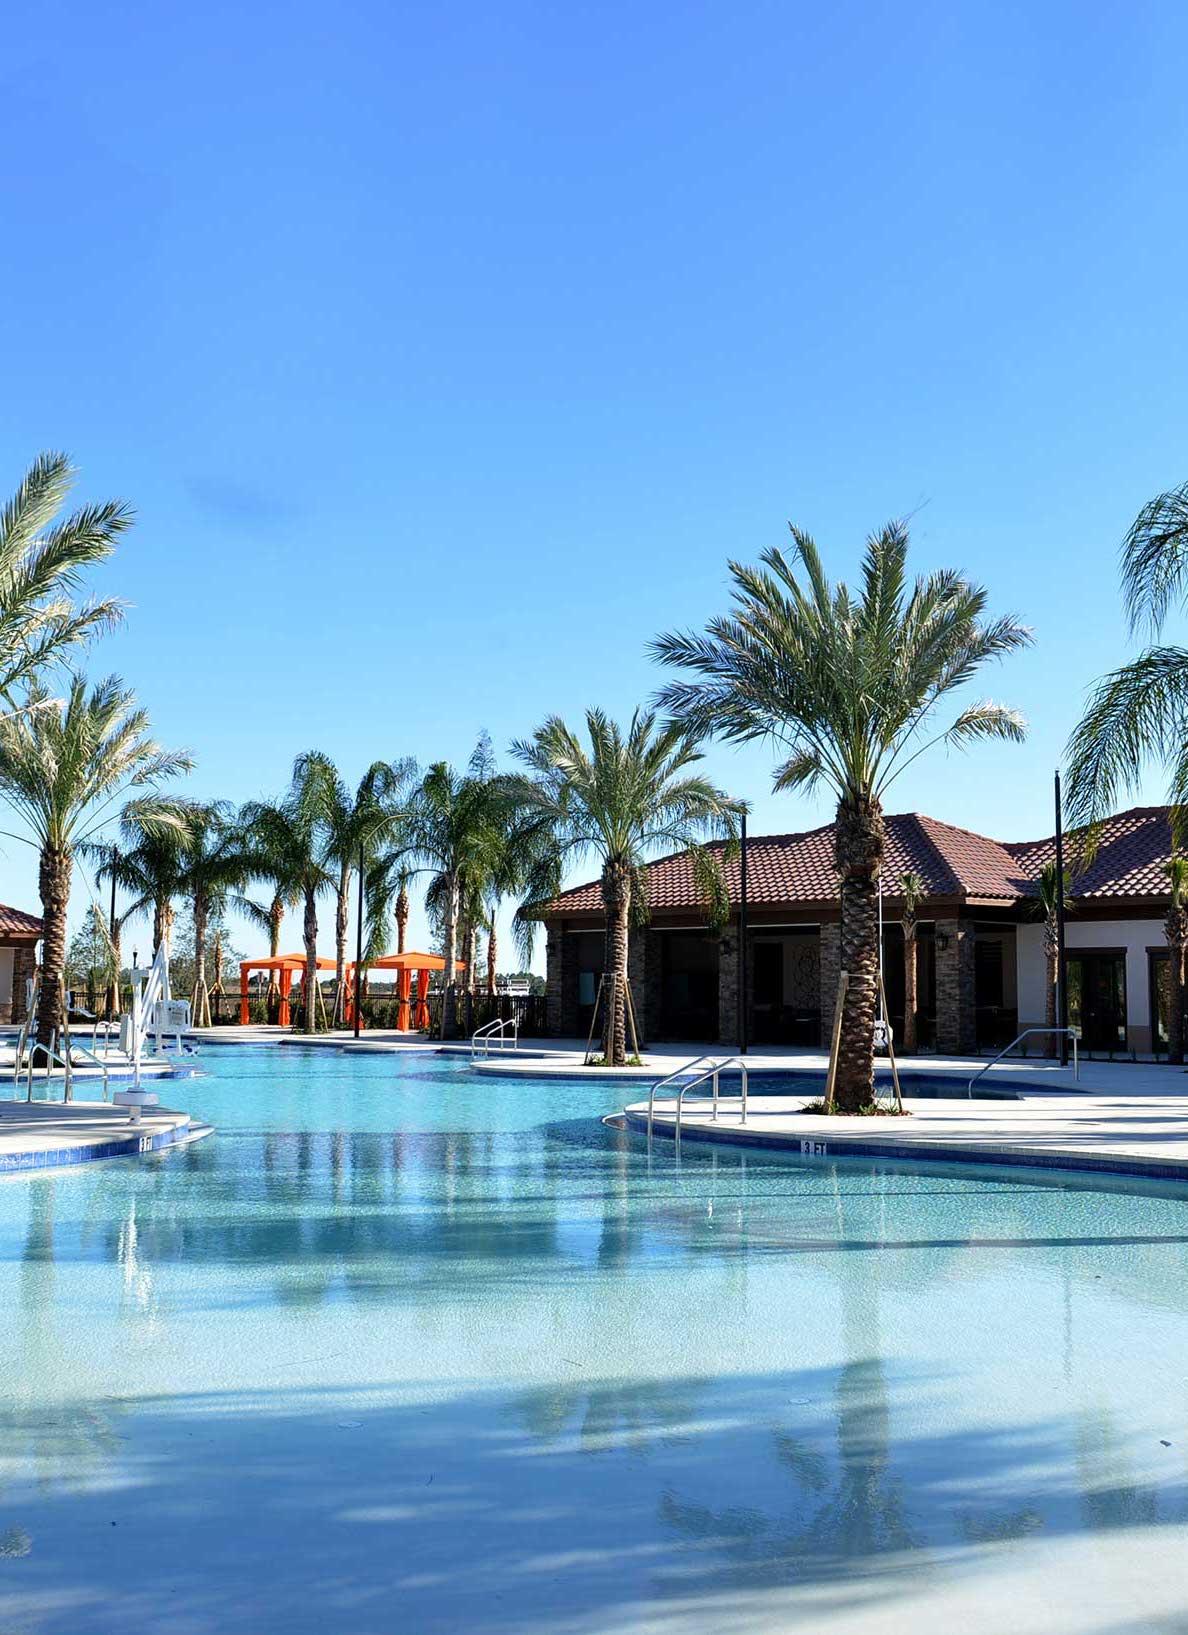 skyview image of Solterra Resort